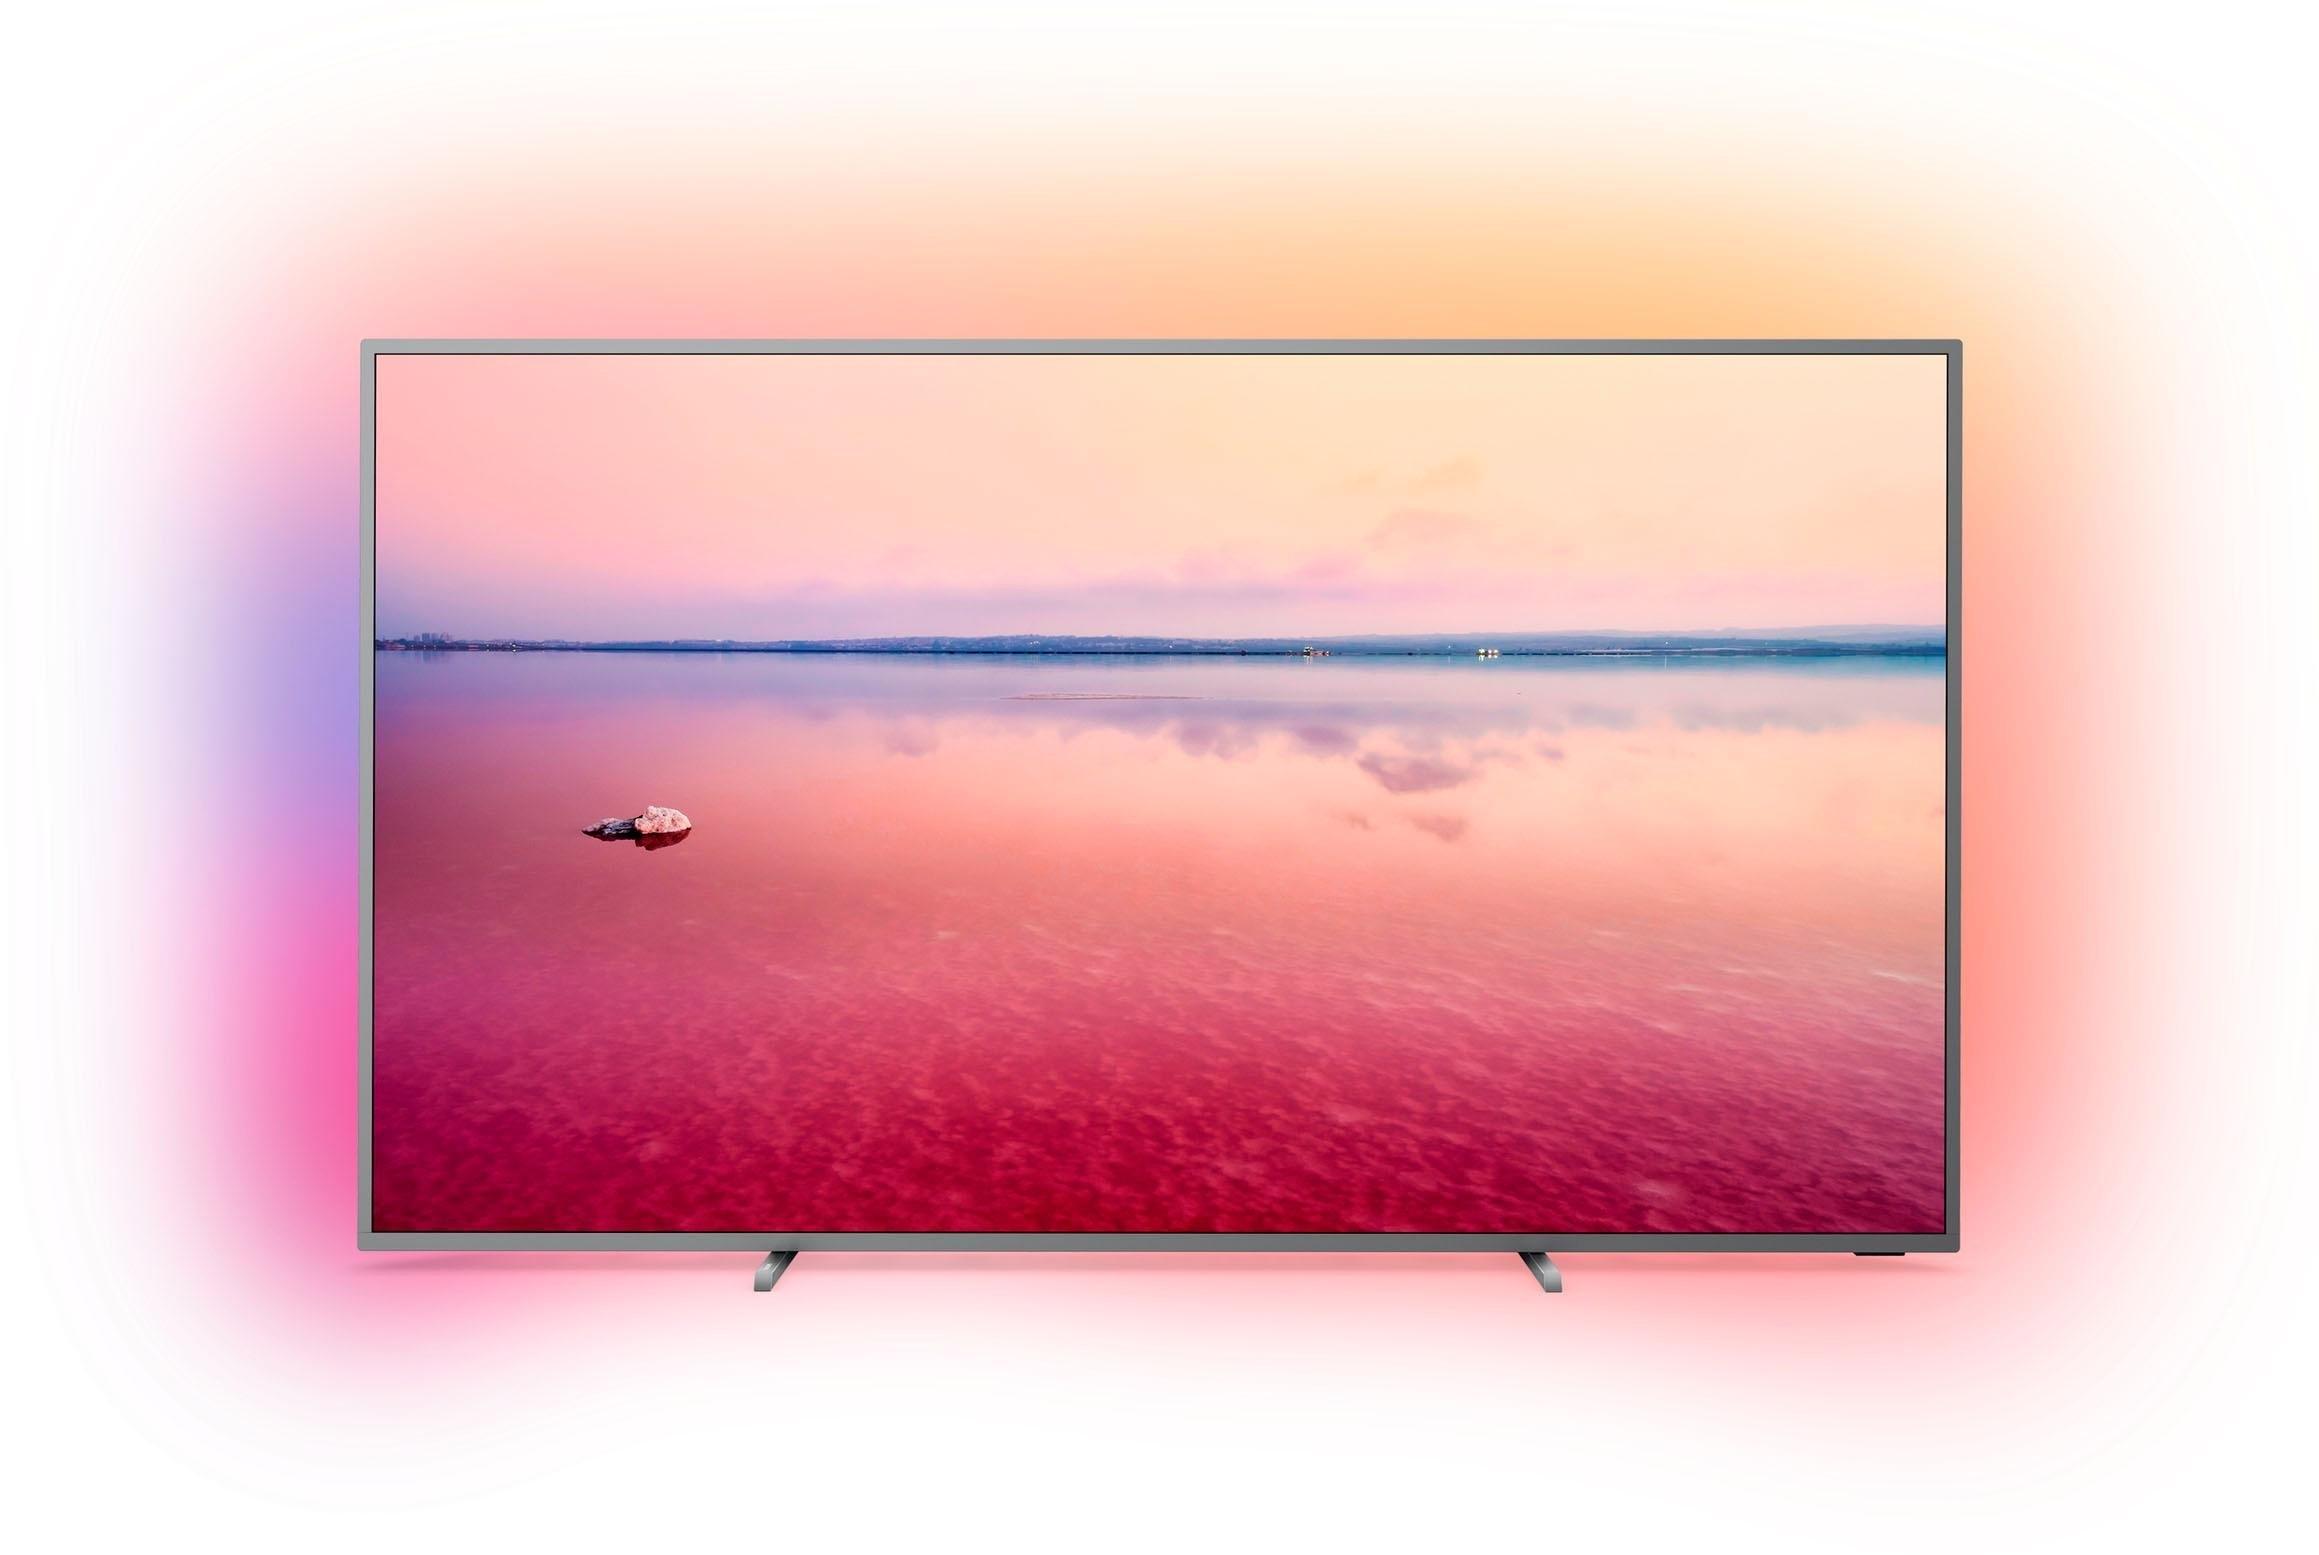 Philips »75PUS6754/12« led-tv bestellen: 30 dagen bedenktijd